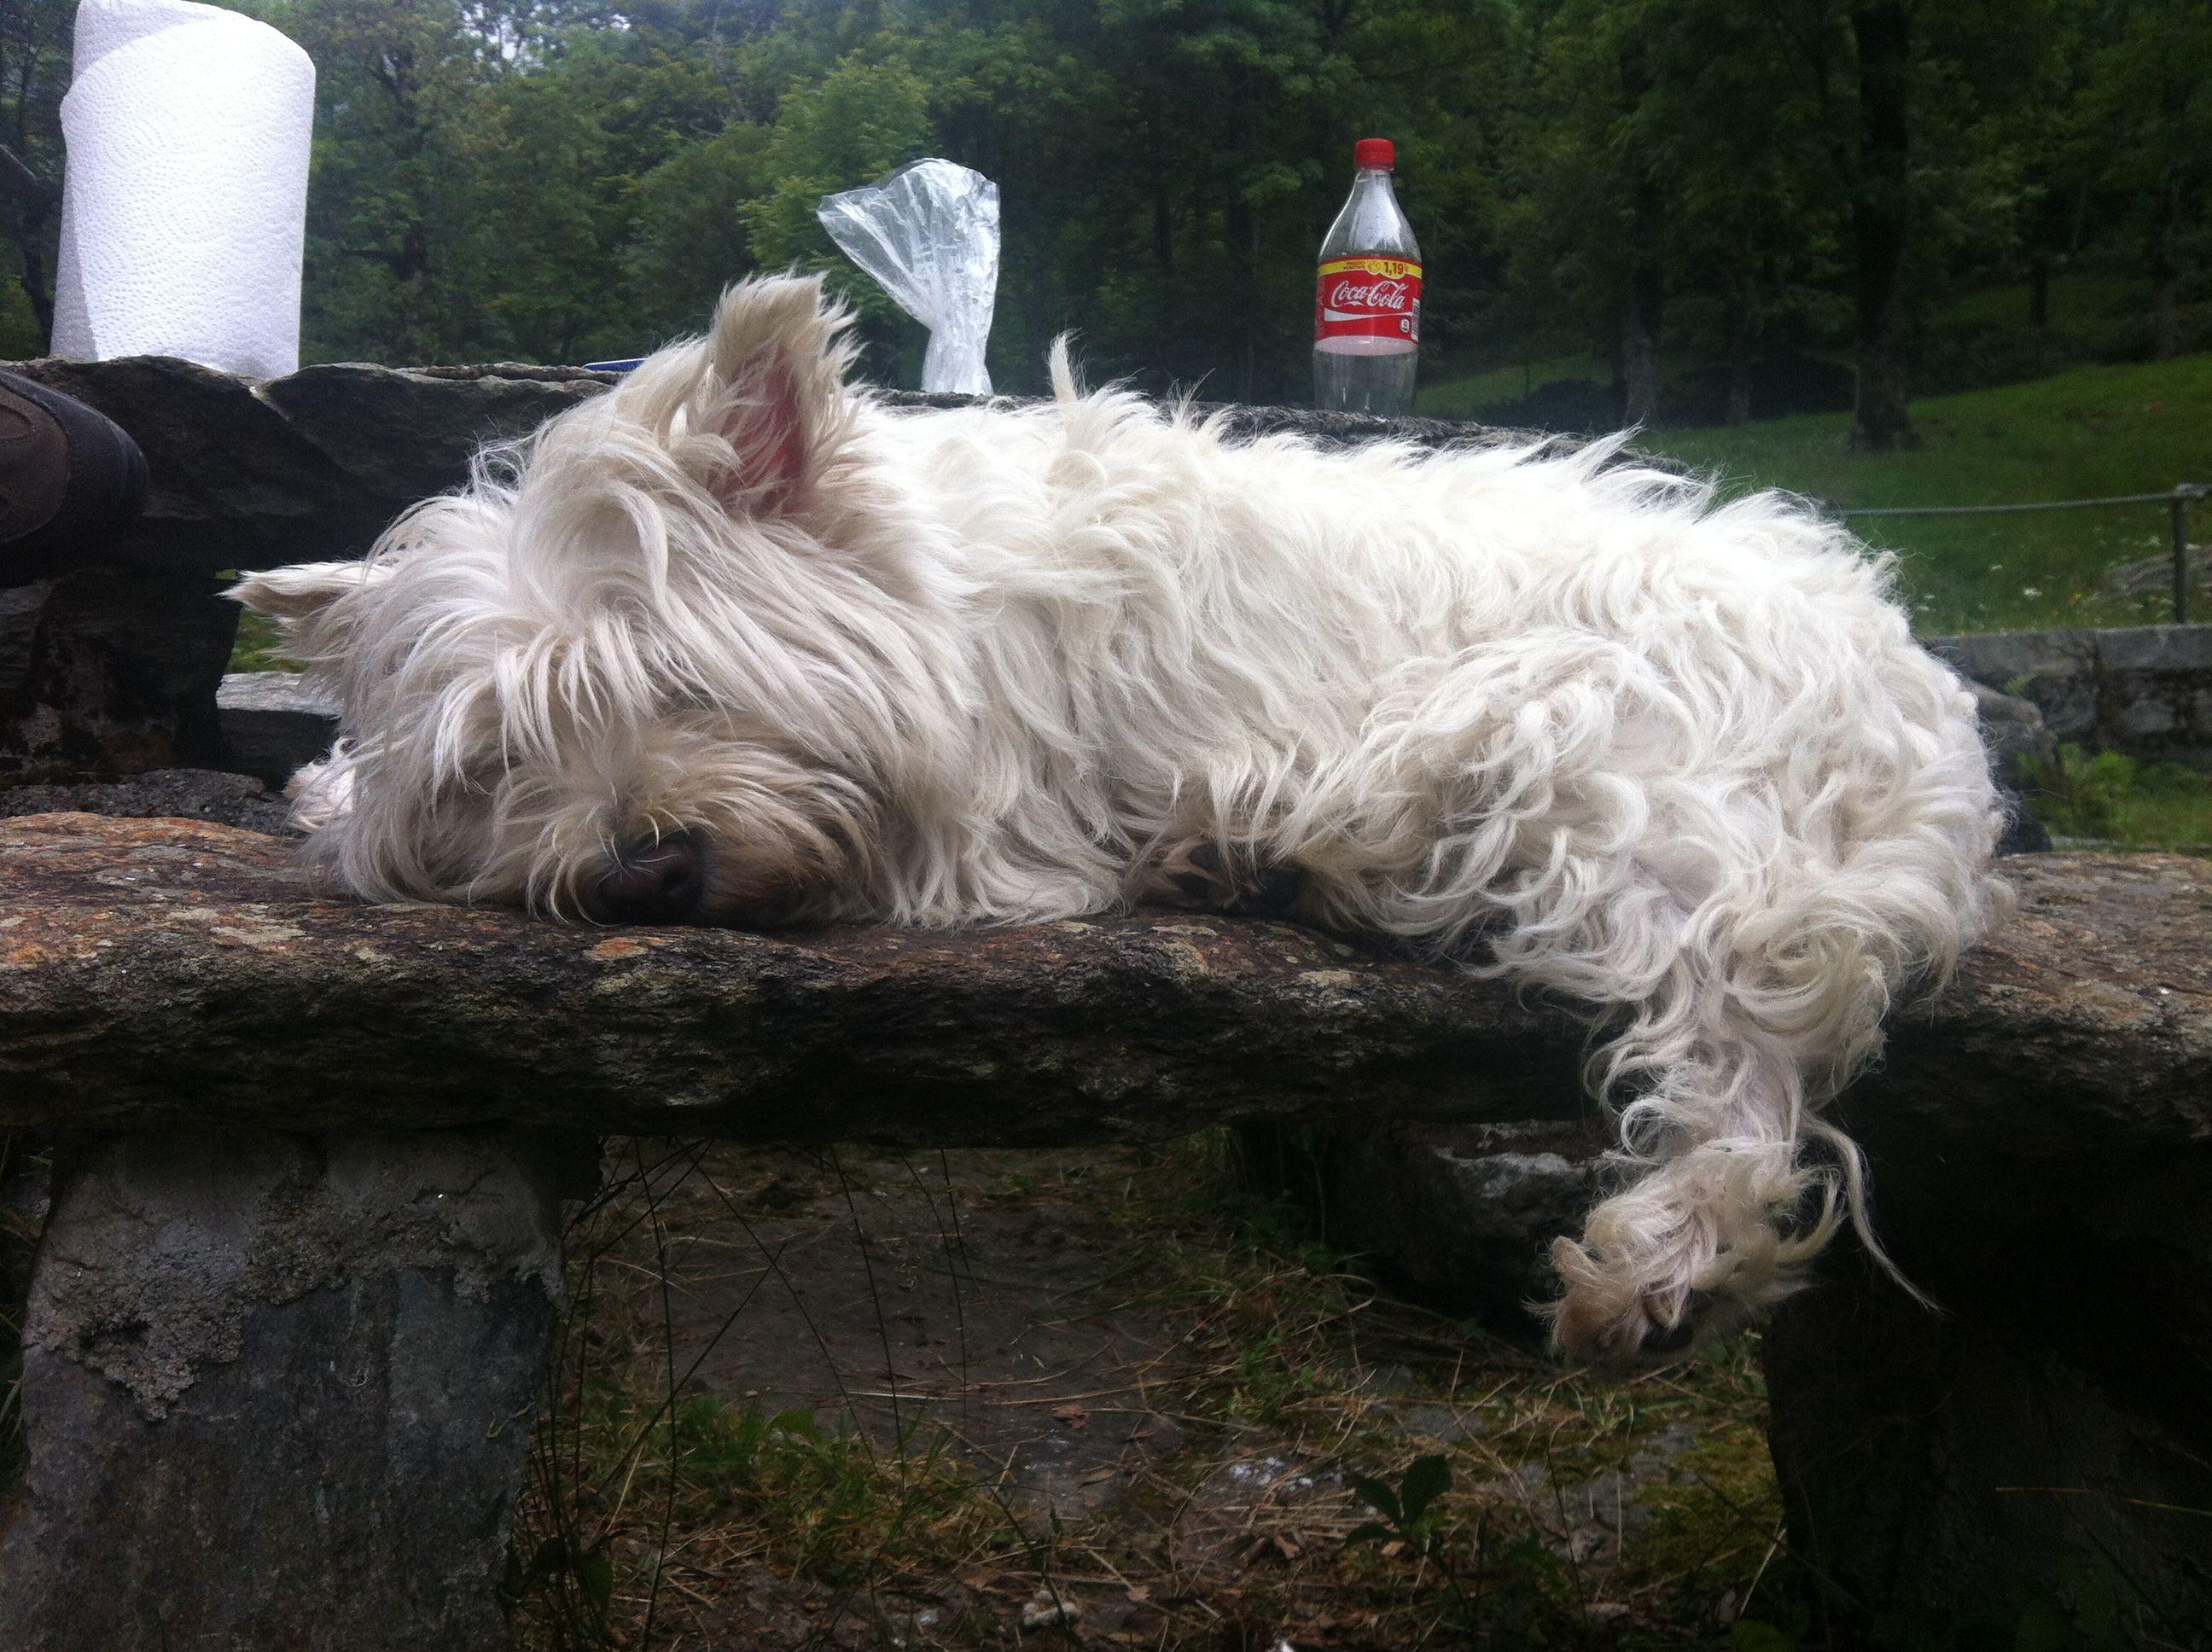 Sleeping Dog Westie West Highland Dog Pet Cute Terrier Zelda Westie Terrier Sleeping Dogs Dog Life